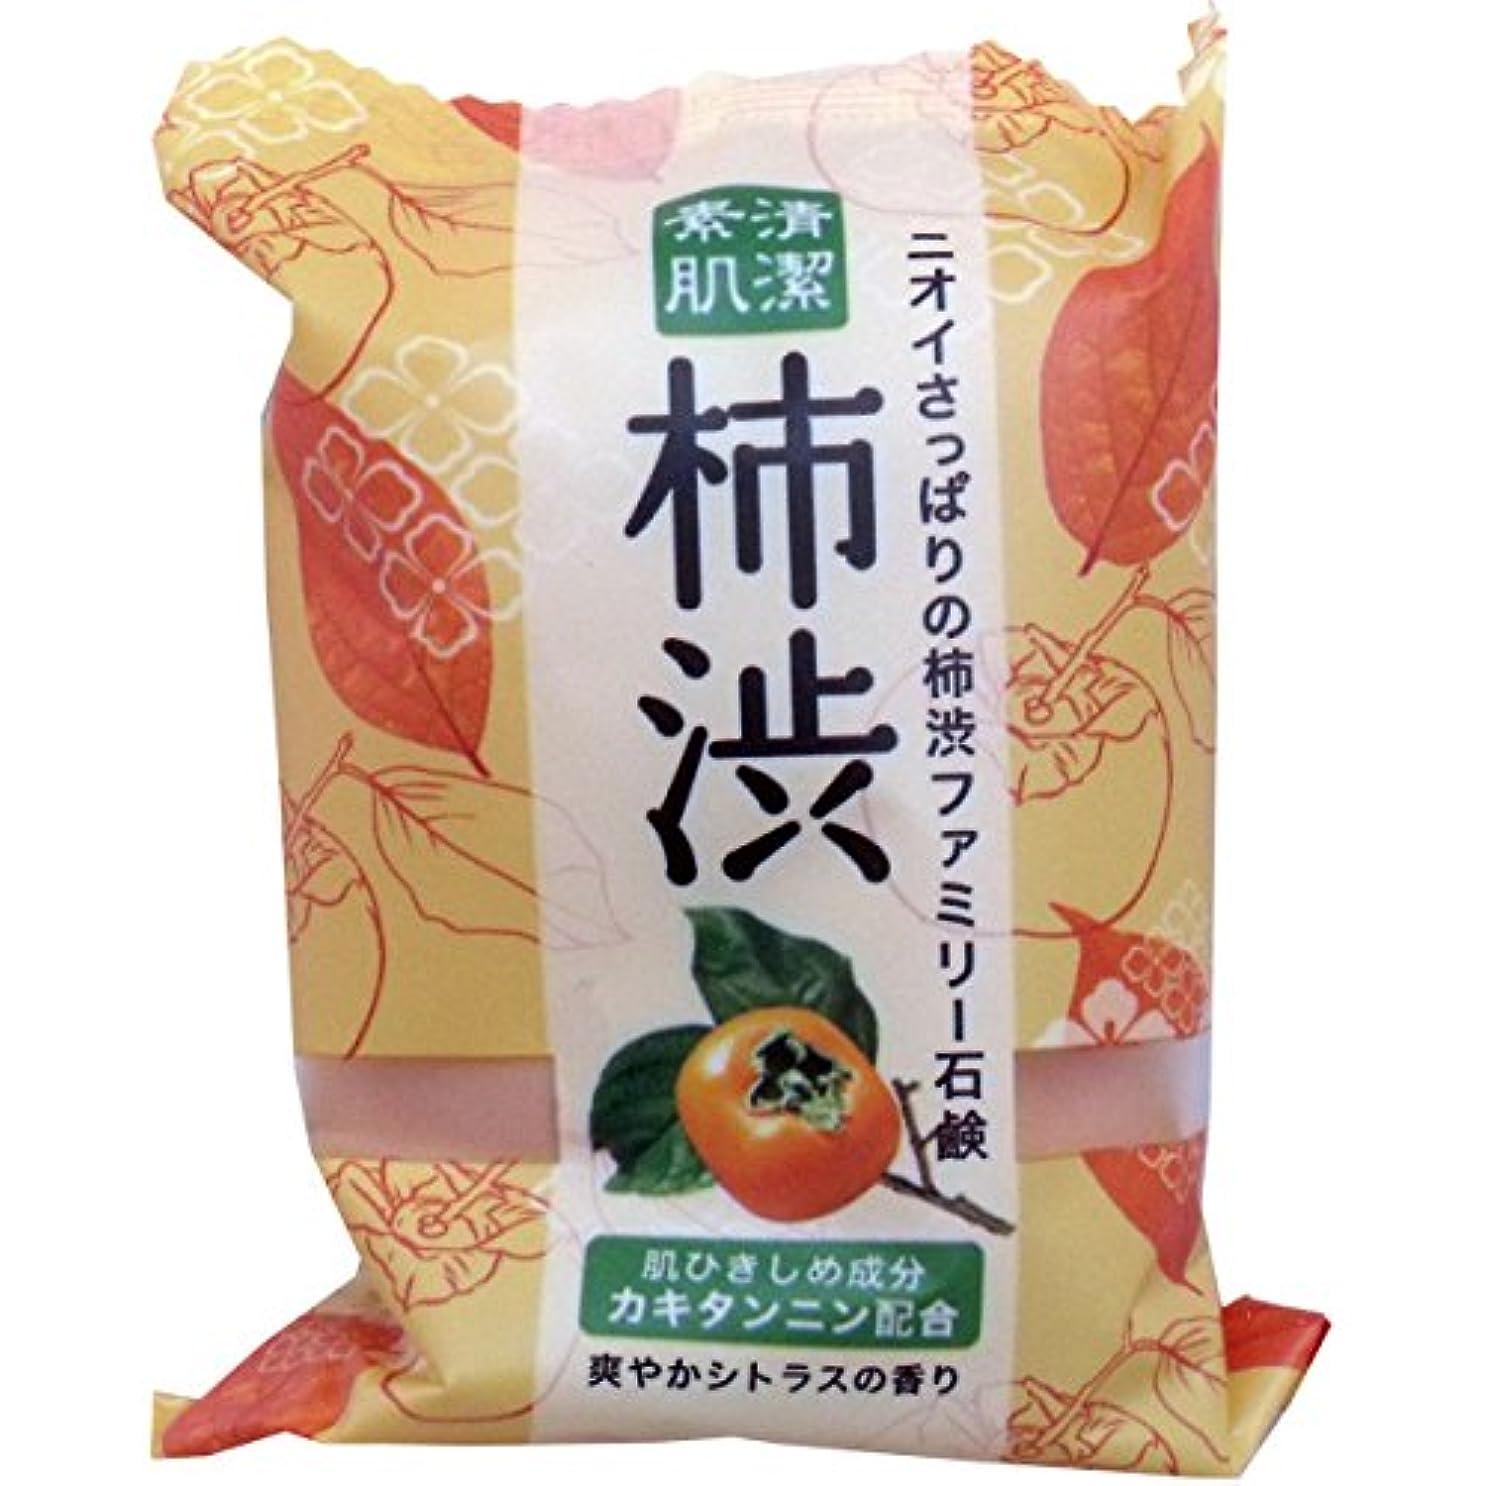 徴収慎重ルールペリカン石鹸 ファミリー柿渋石鹸(1個) ×2セット